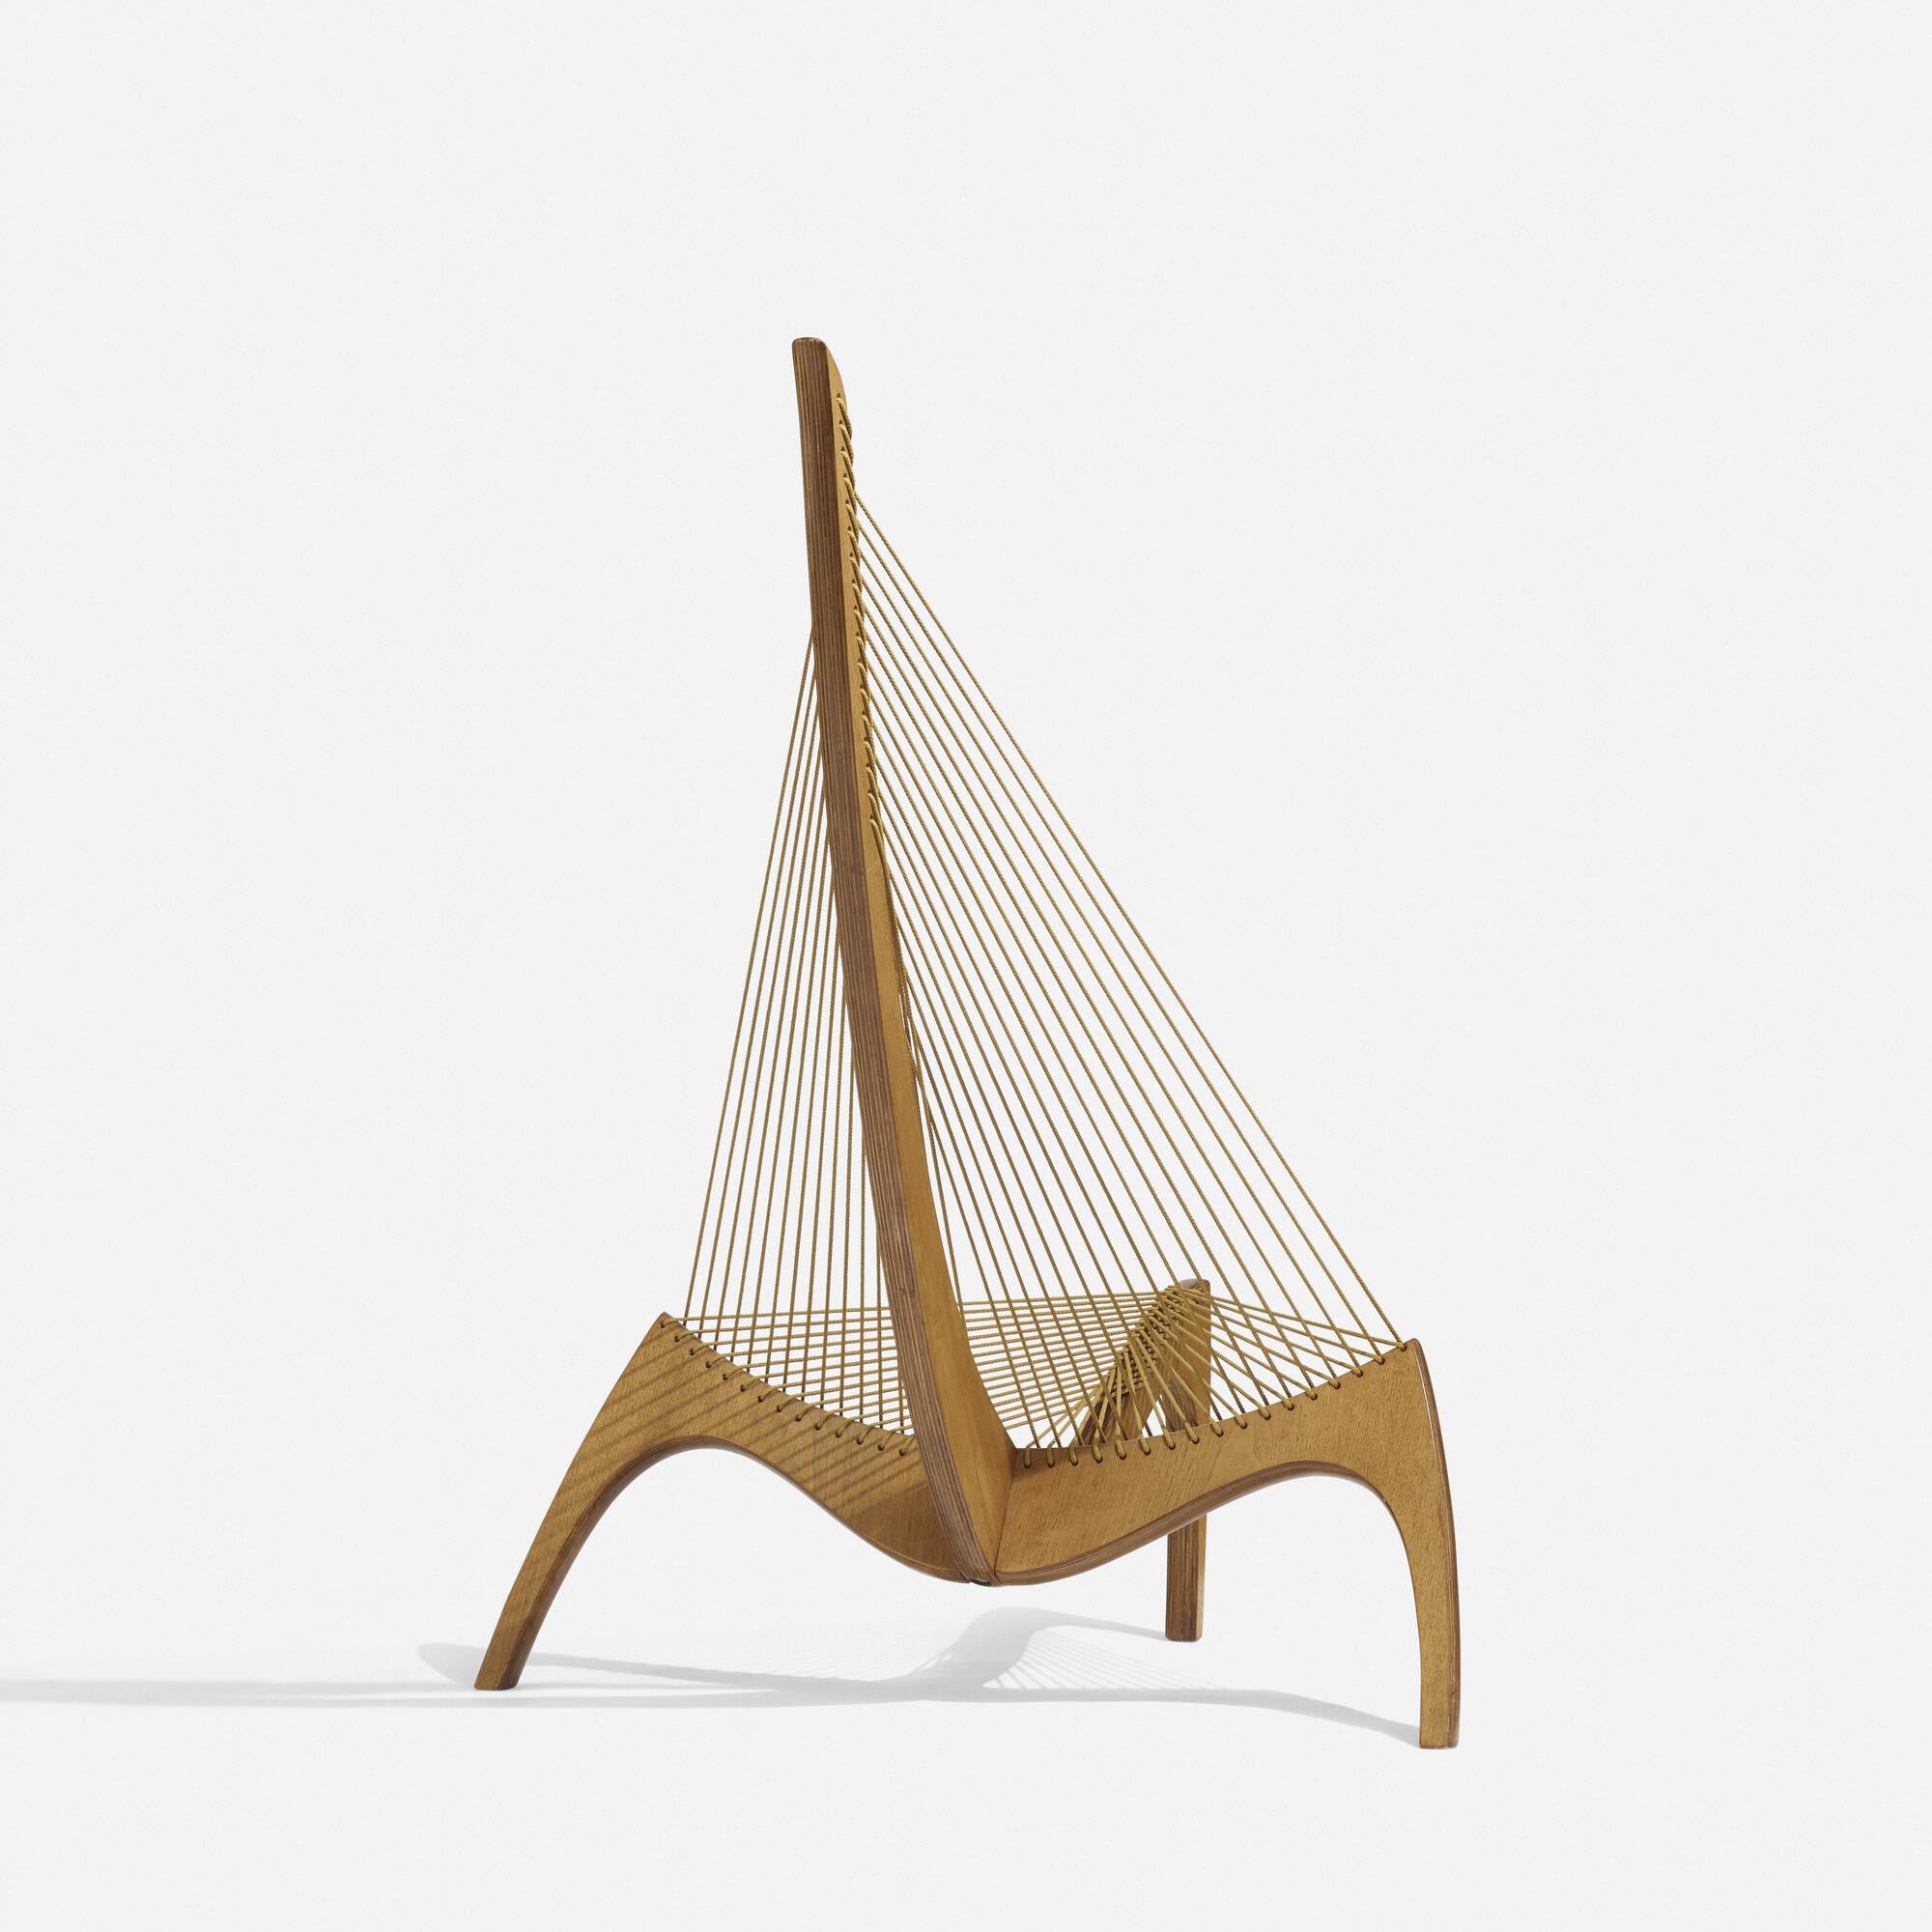 151: Jorgen Hovelskov / Harp chair (3 of 5)